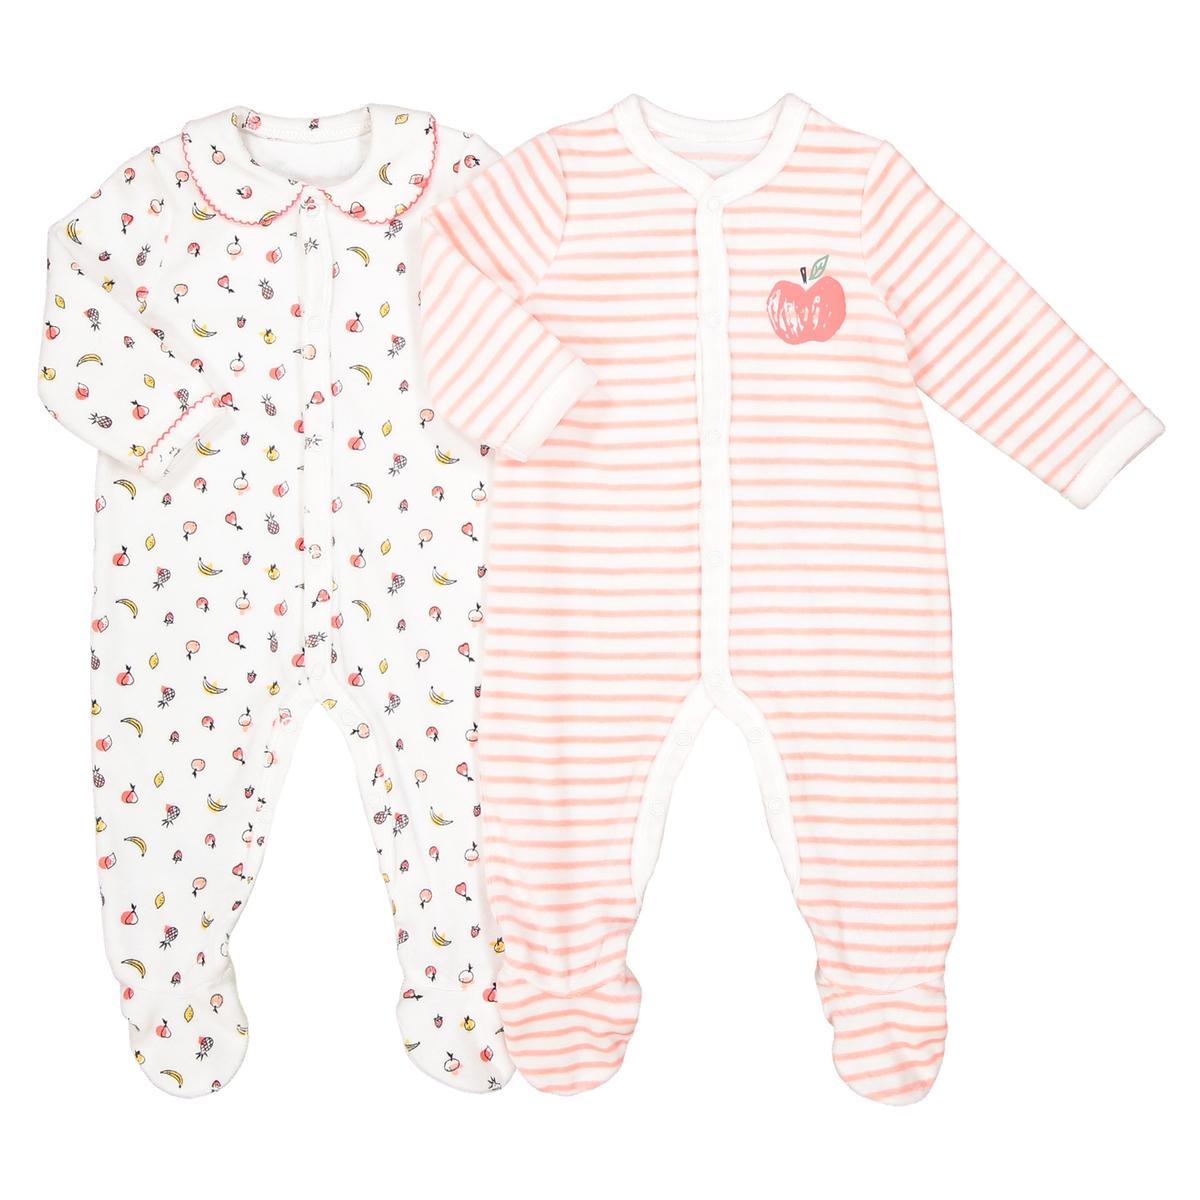 Комплект из 2 пижам из велюра, 0 мес. - 3 годаОписание:2 пижамы из очень мягкого велюра. Застежка спереди : очень удобно для переодевания малыша в первые месяцы жизни. Детали •  2 пижамы : 1 пижама с мелким рисунком + 1 пижама в полоску с рисунком Яблоко. •  Длинные рукава. •  Круглый вырез. •  Носки с противоскользящими элементами для размеров от 12 месяцев  (74 см).Состав и уход •  Материал : 75% хлопка, 25% полиэстера. •  Стирать при температуре 30° на деликатном режиме с вещами схожих цветов. •  Стирать и гладить с изнанки при низкой температуре. •  Деликатная сушка в машинке.Товарный знак Oeko-Tex® . Знак Oeko-Tex® гарантирует, что товары прошли проверку и были изготовлены без применения вредных для здоровья человека веществ.<br><br>Цвет: оранжевый + экрю<br>Размер: 18 мес. - 81 см.1 год - 74 см.6 мес. - 67 см.3 мес. - 60 см.0 мес. - 50 см.рожденные раньше срока